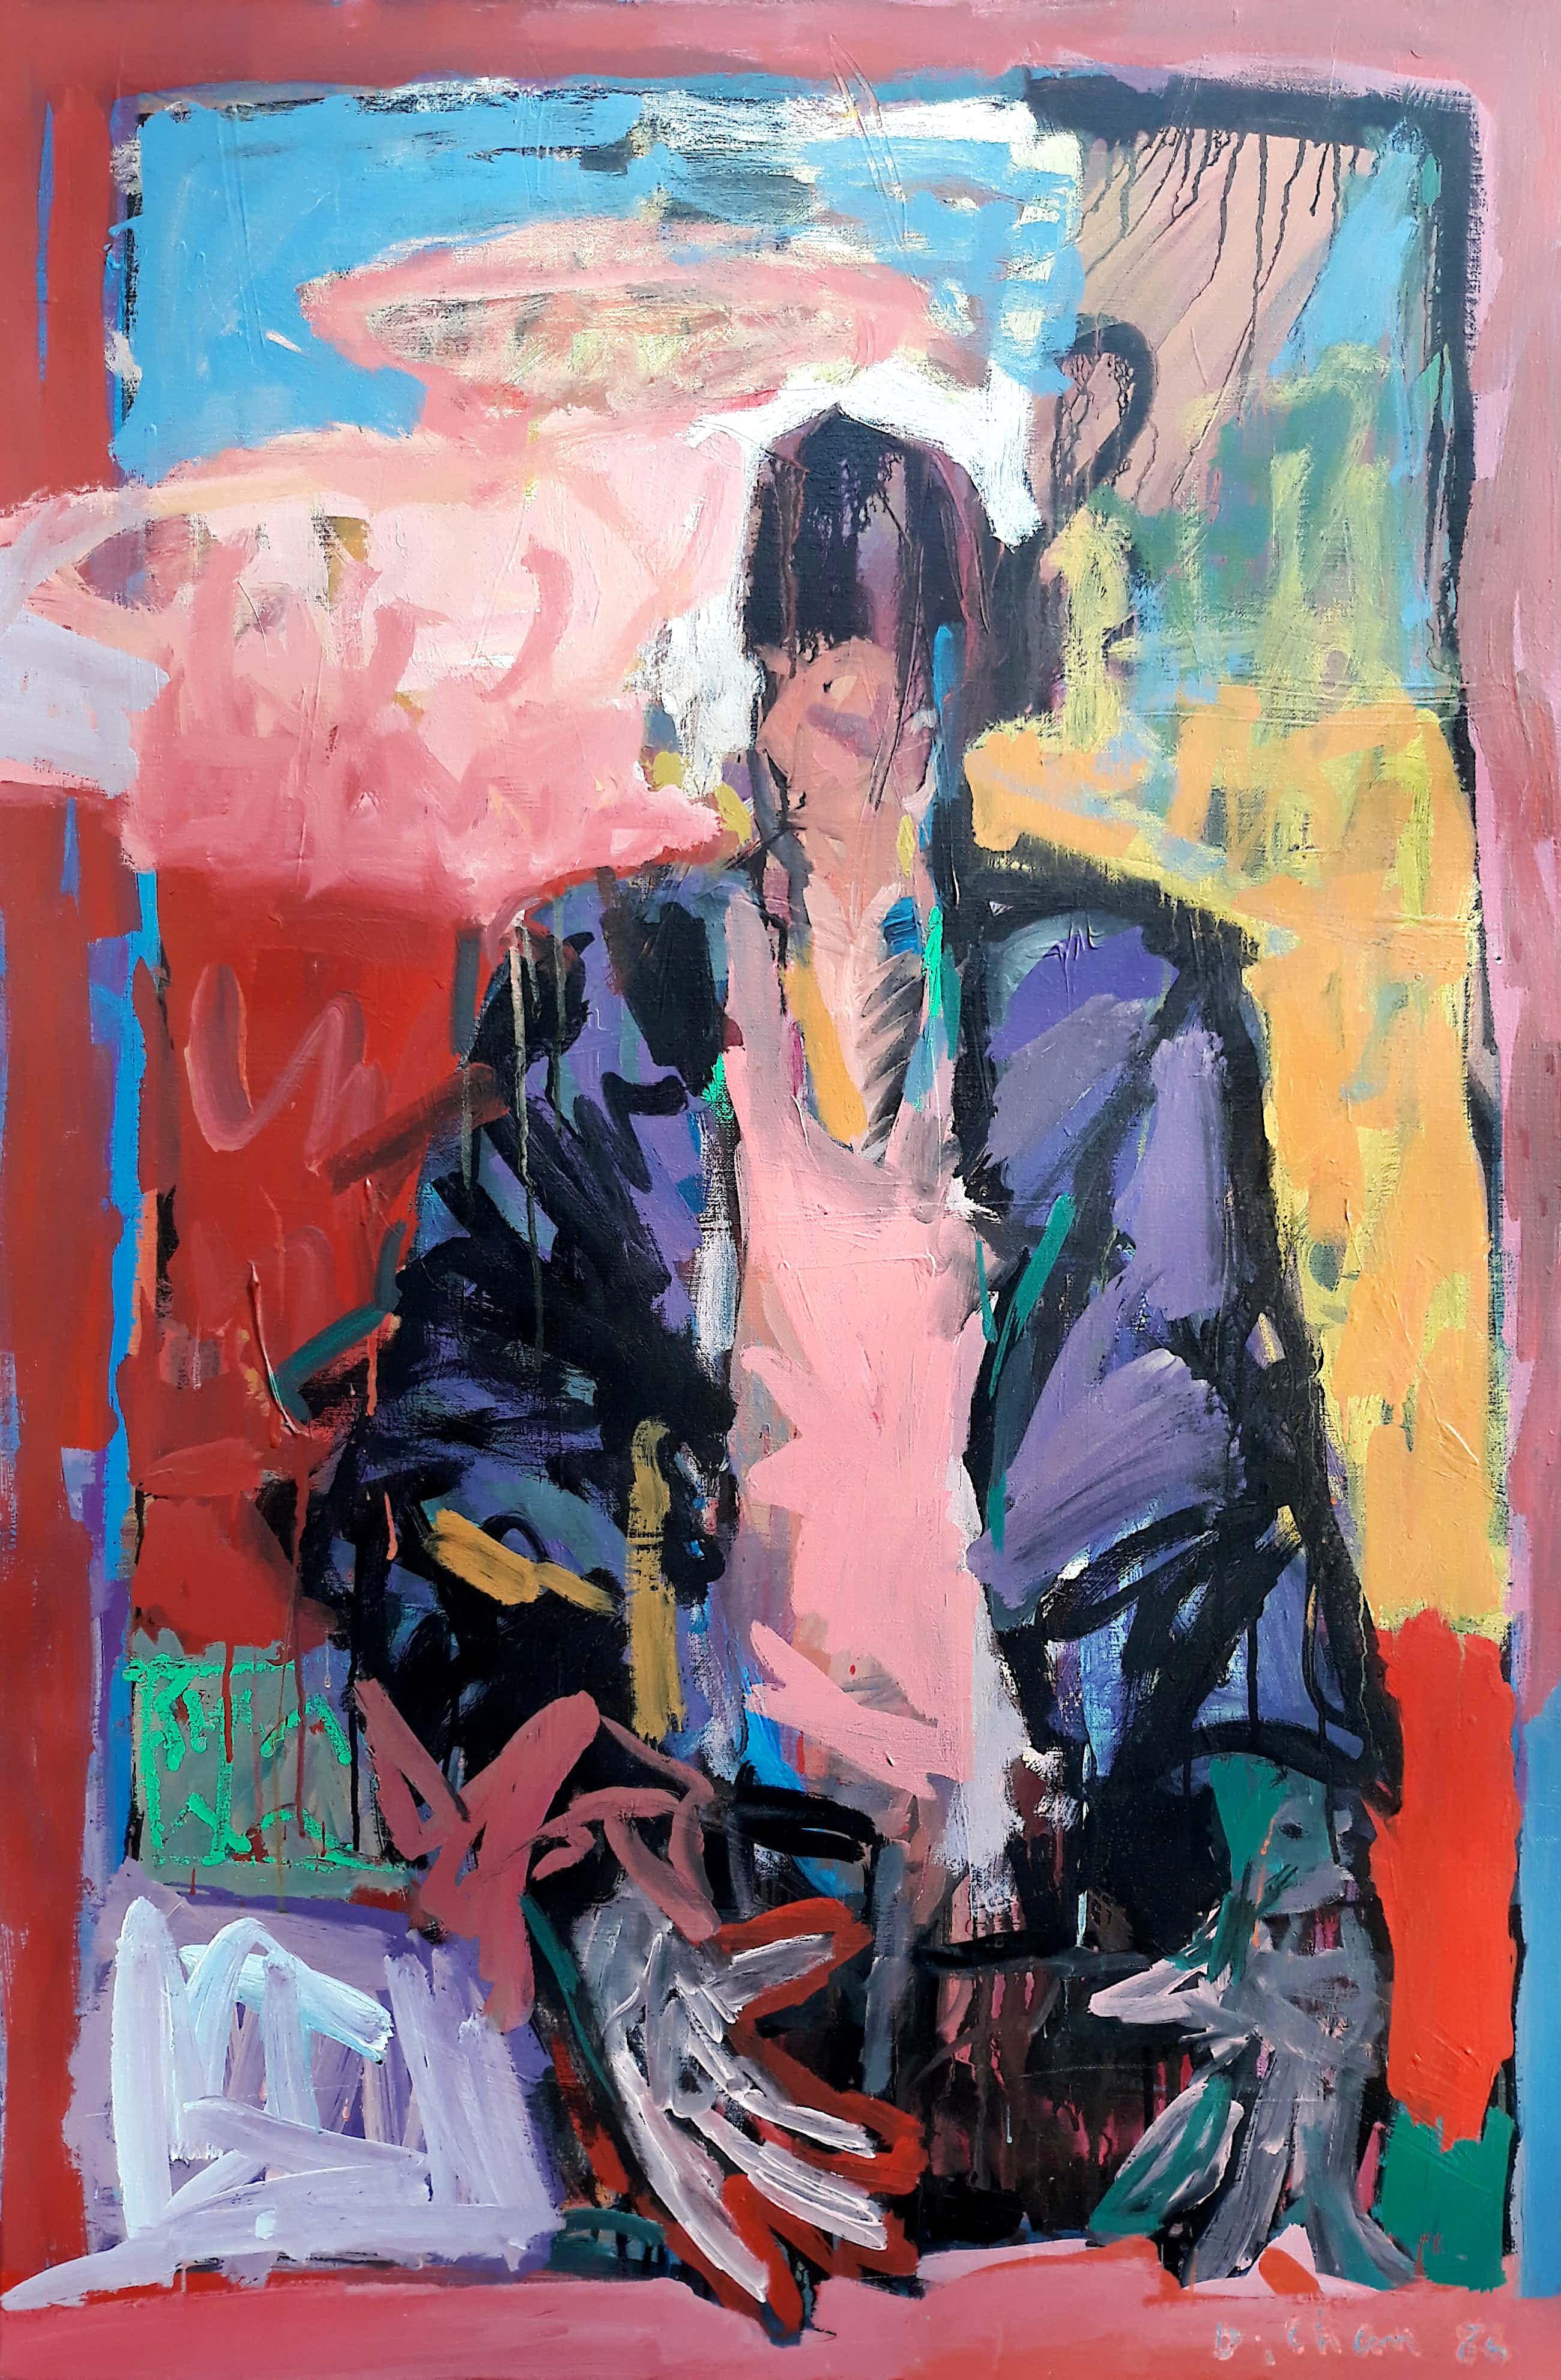 Dominique Chan - Figuur in kleurrijk landschap, olieverf op doek (netjes ingelijst, groot) kopen? Bied vanaf 300!